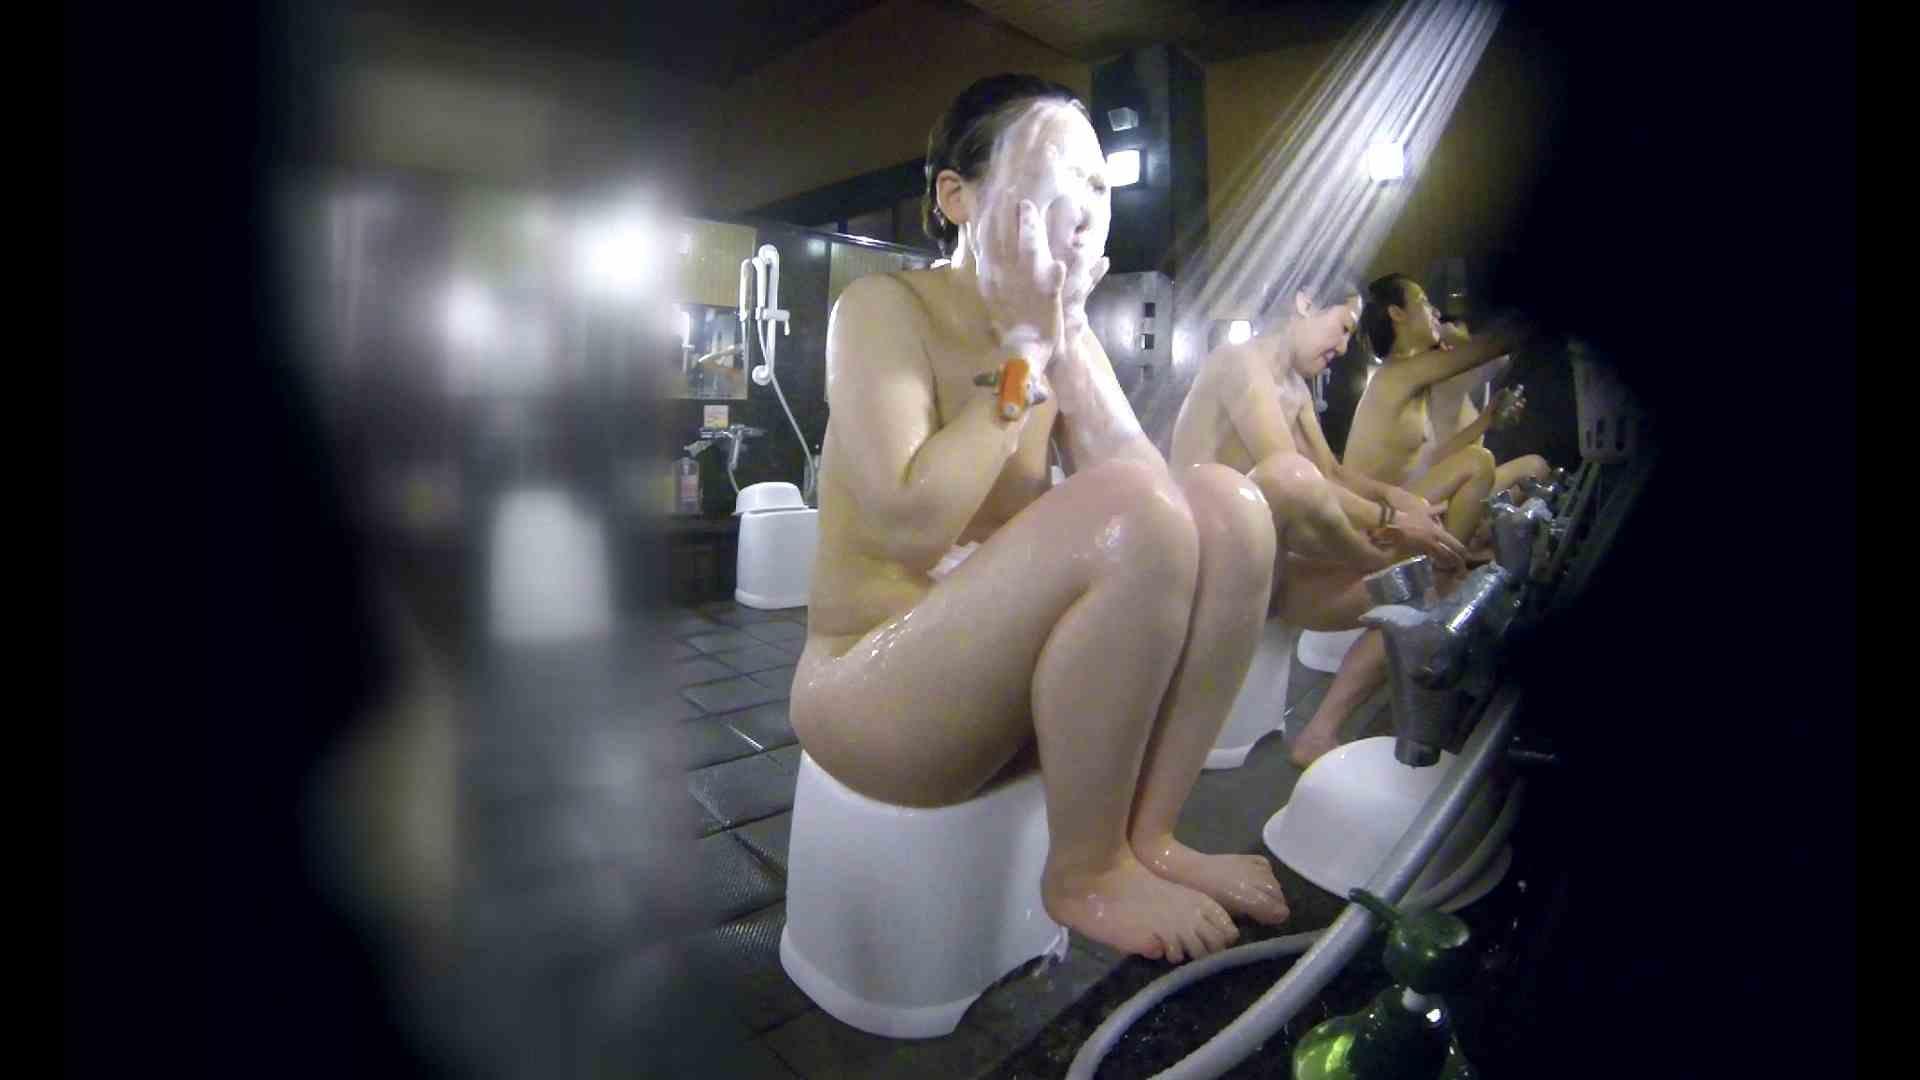 洗い場!米粉パンかのようなもっちり感。あっ!具が! 銭湯   潜入エロ調査  99連発 66